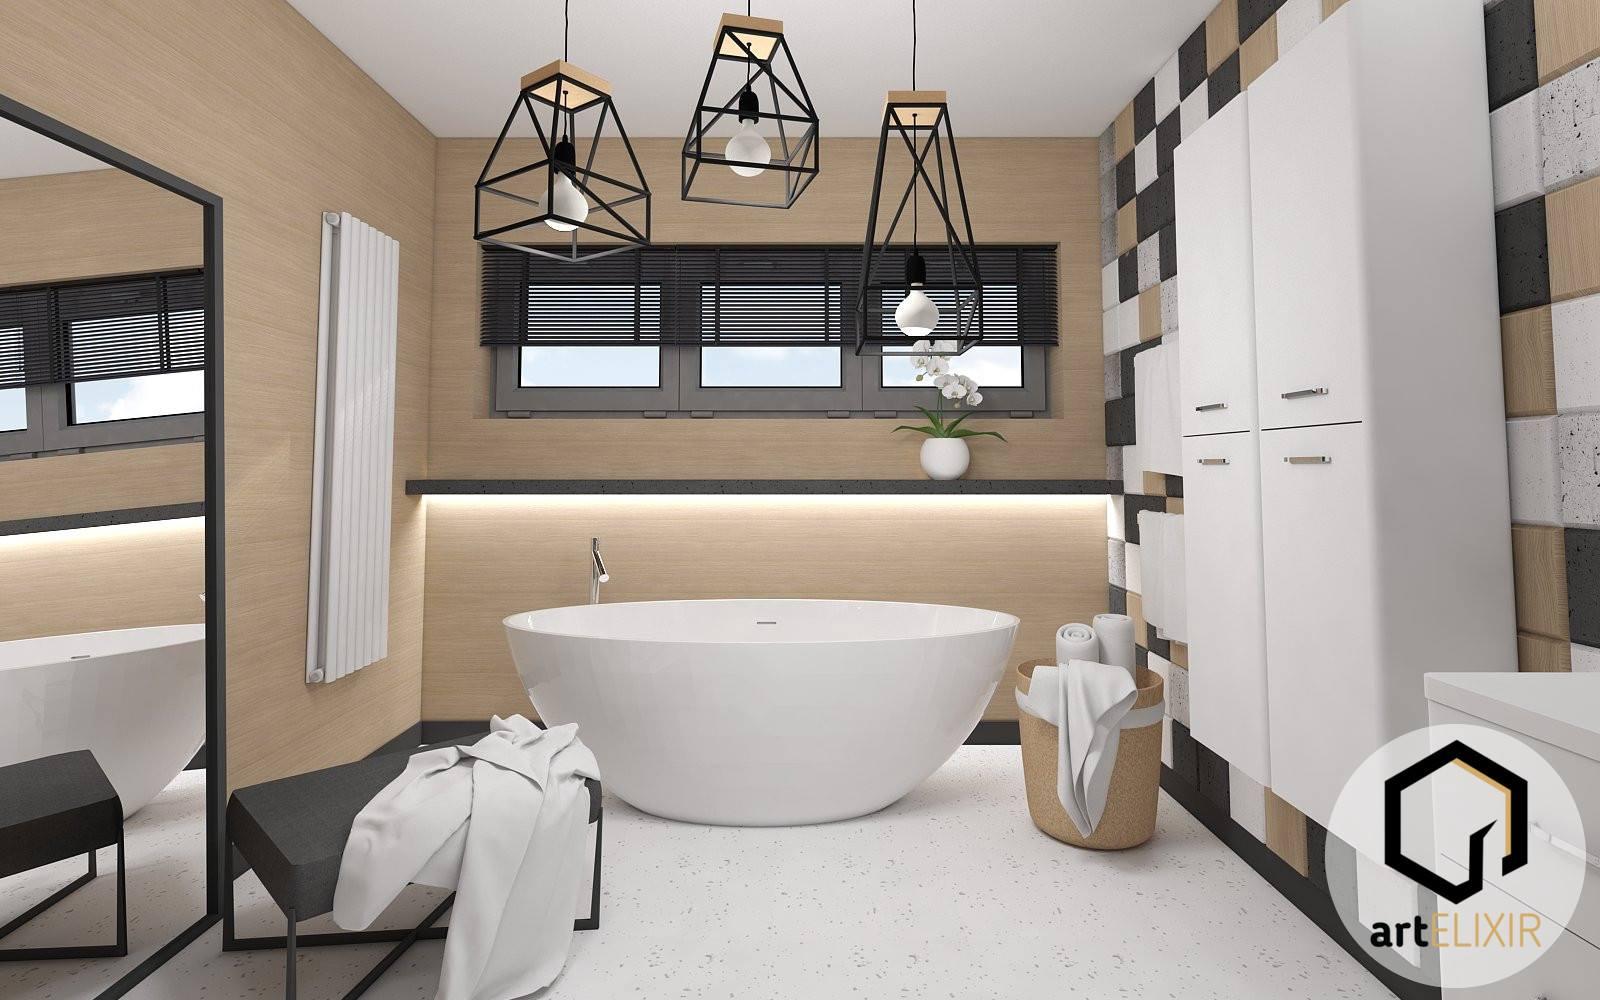 Betonowe Płytki 3d Decopanel W łazience Decopanel Panele Ażurowe